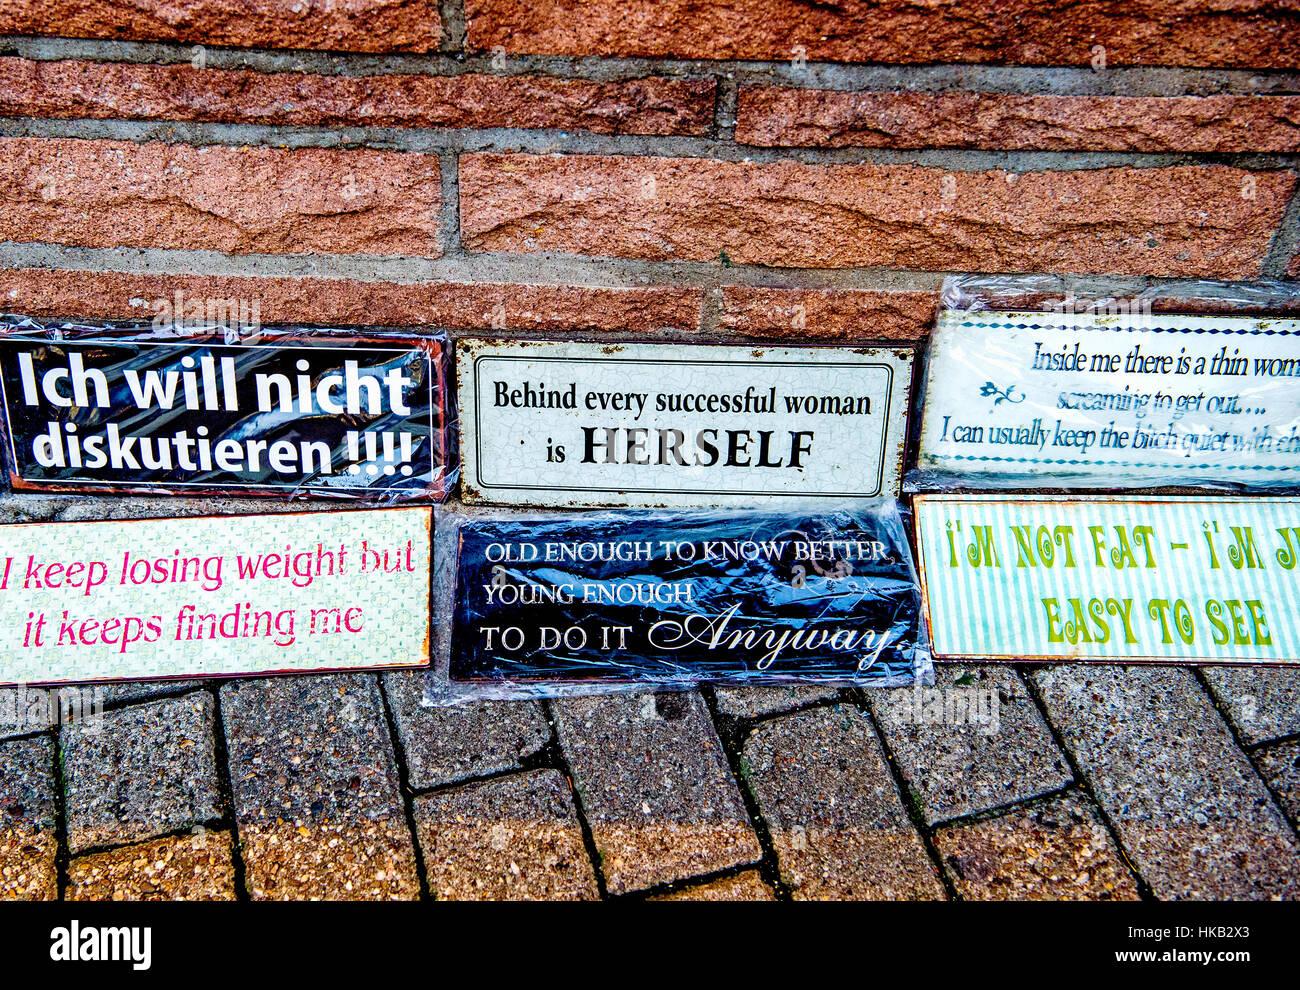 Funny sayings on plates on display; humorvolle Sprüche auf ausgestellten Metallplatten vor einem laden - Stock Image